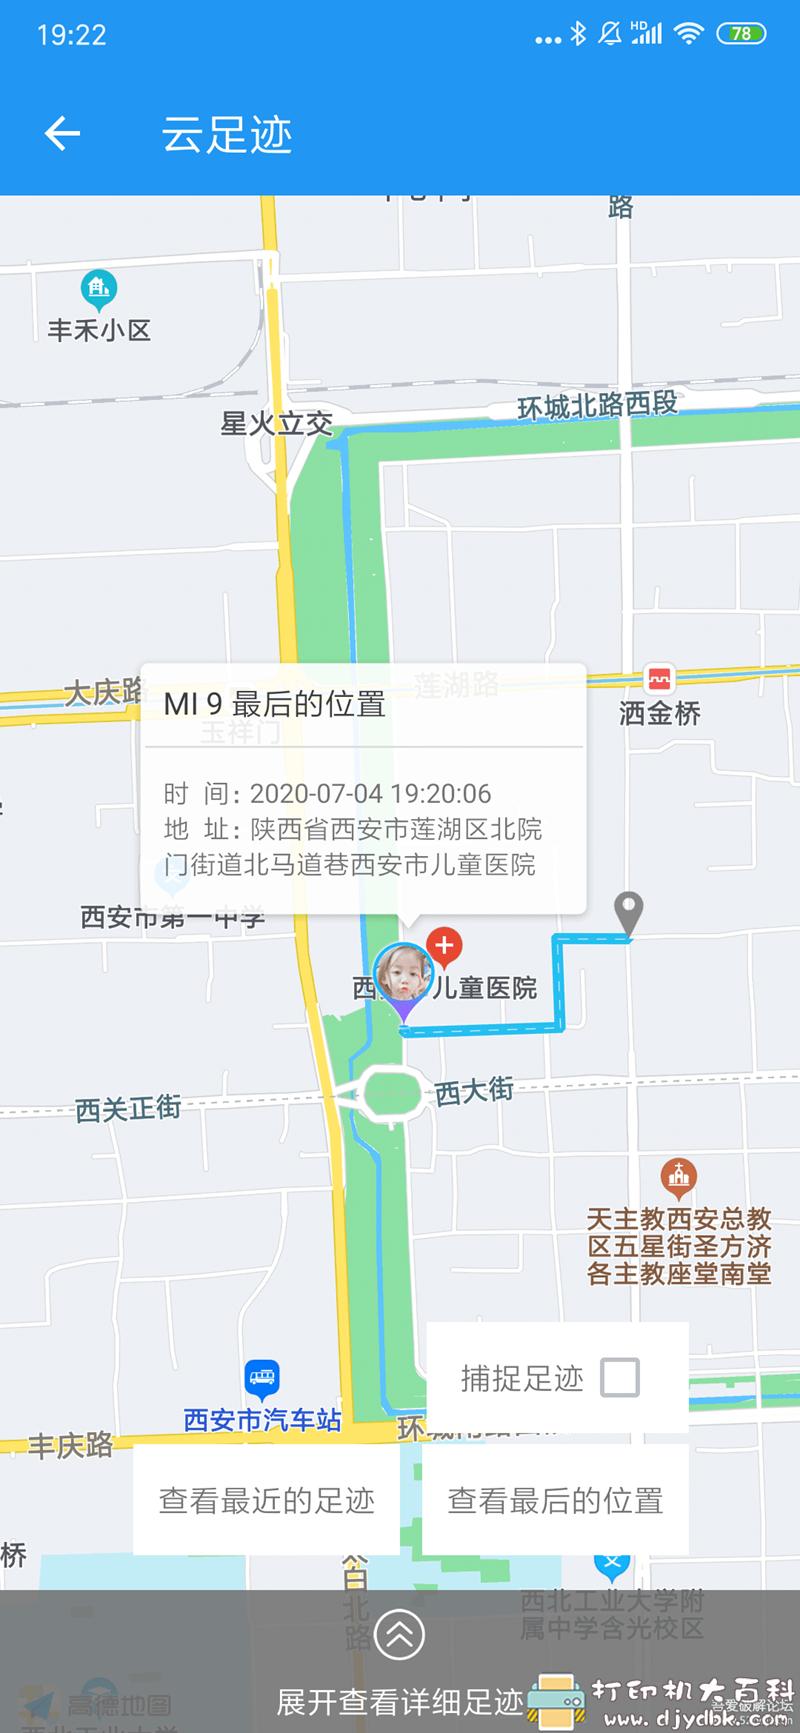 [Android]MK手机定位V1.2 远程控制 最新破解版 配图 No.6